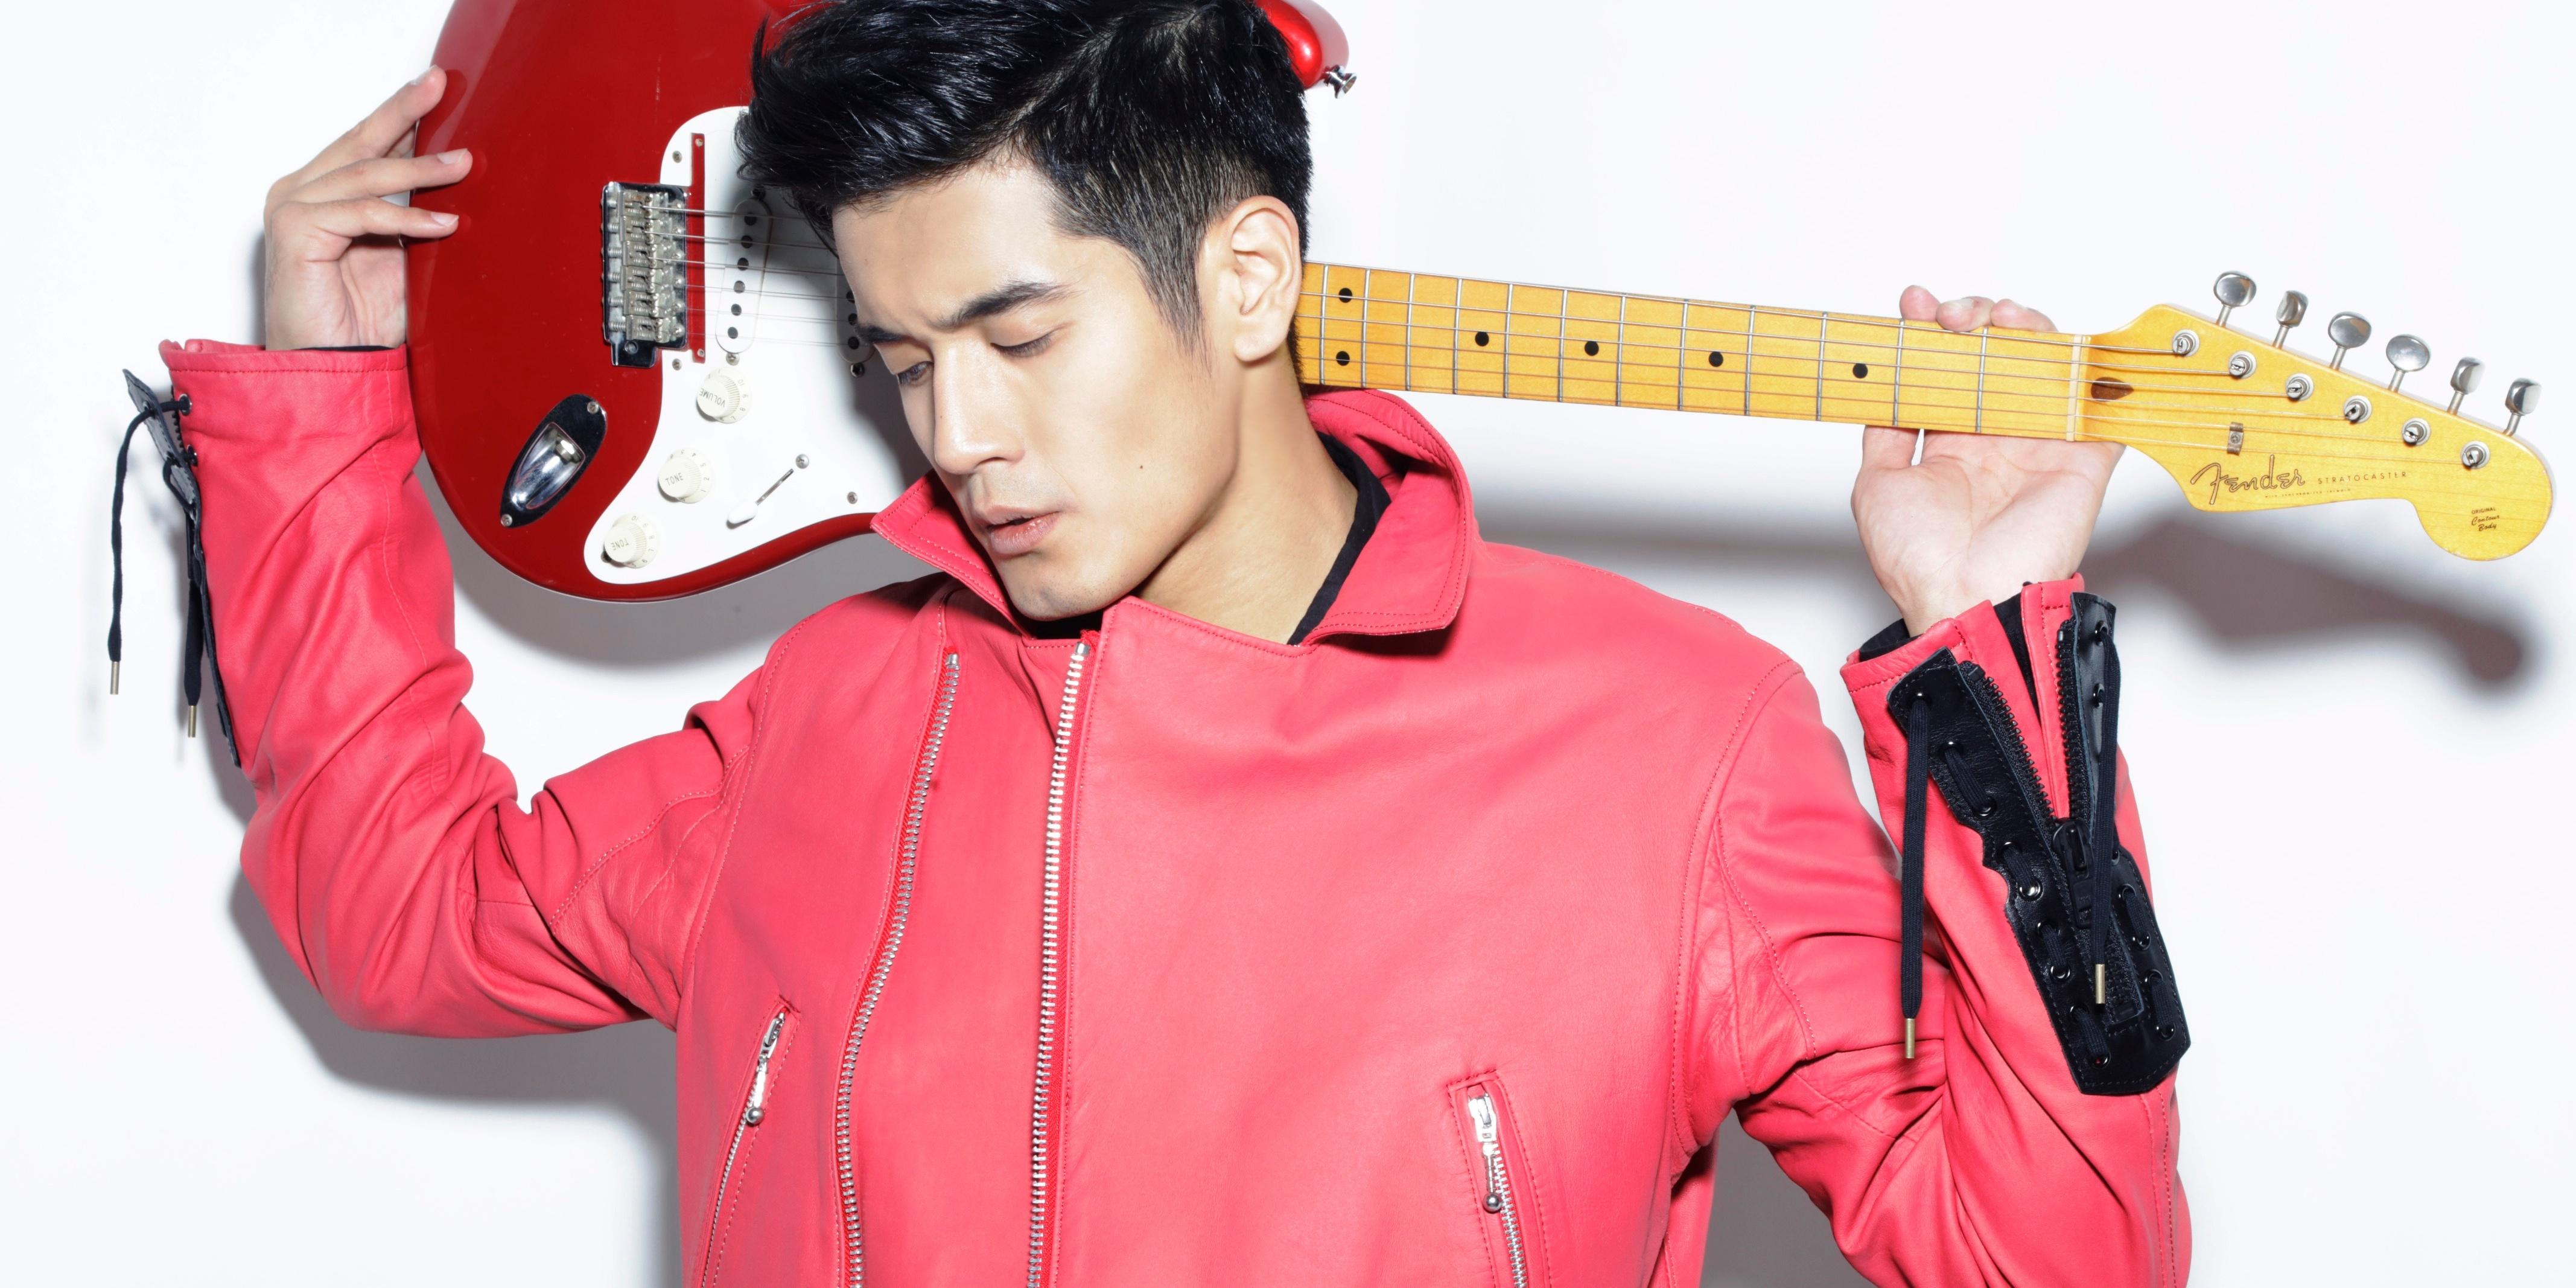 《中国新歌声》首季亚军向洋发行第一首中文单曲《爱超给电》